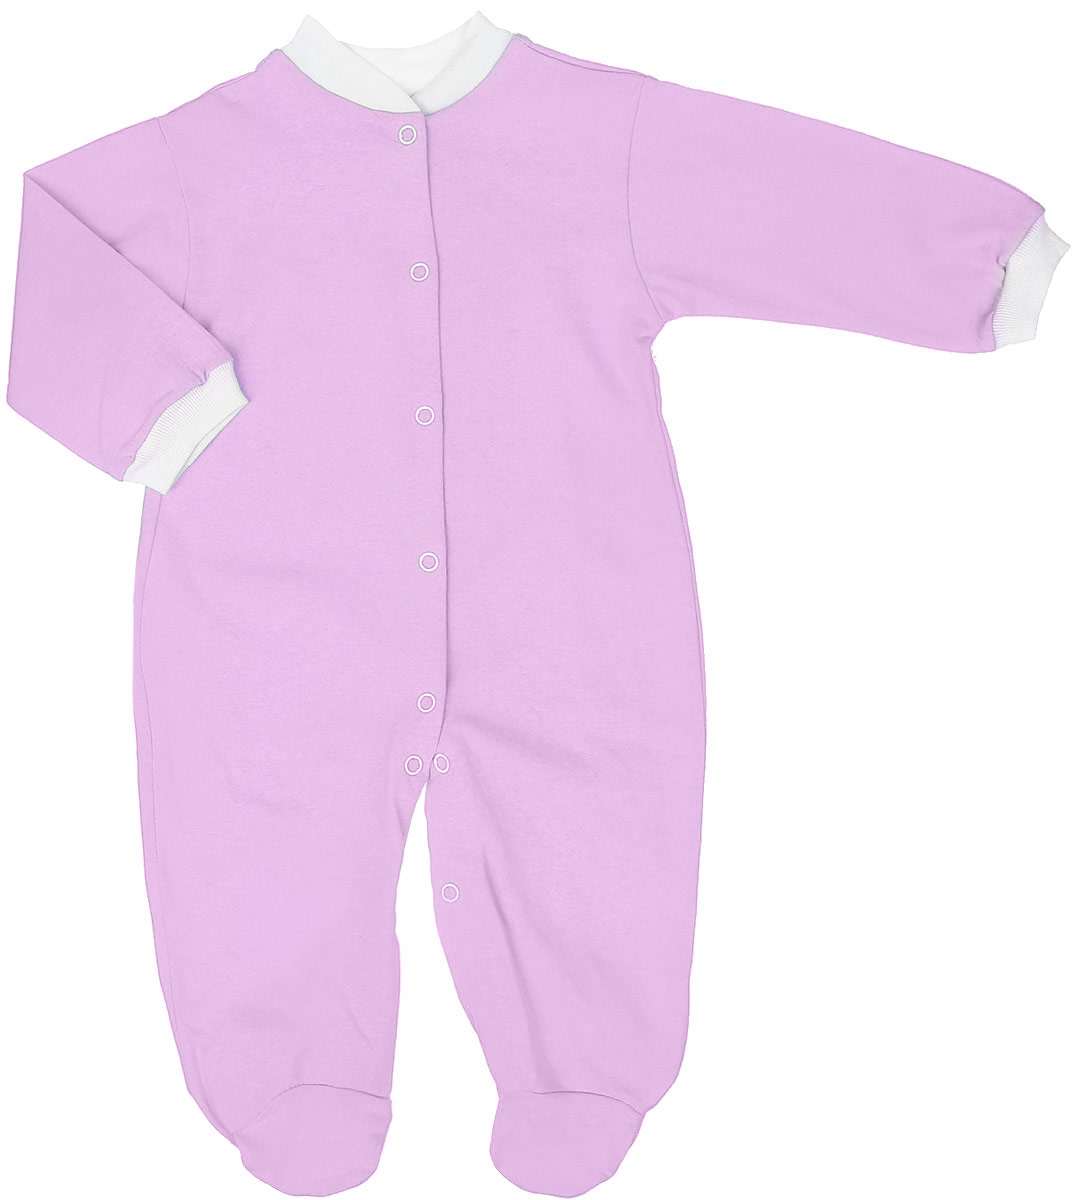 Комбинезон детский Чудесные одежки, цвет: розовый. 5801. Размер 745801Удобный детский комбинезон Чудесные одежки выполнен из натурального хлопка.Комбинезон с небольшим воротничком-стойкой, длинными рукавами и закрытыми ножками имеет застежки-кнопки спереди и на ластовице, которые помогают легко переодеть младенца или сменить подгузник. Воротничок и манжеты на рукавах выполнены из трикотажной эластичной резинки. Изделие оформлено в лаконичном дизайне.